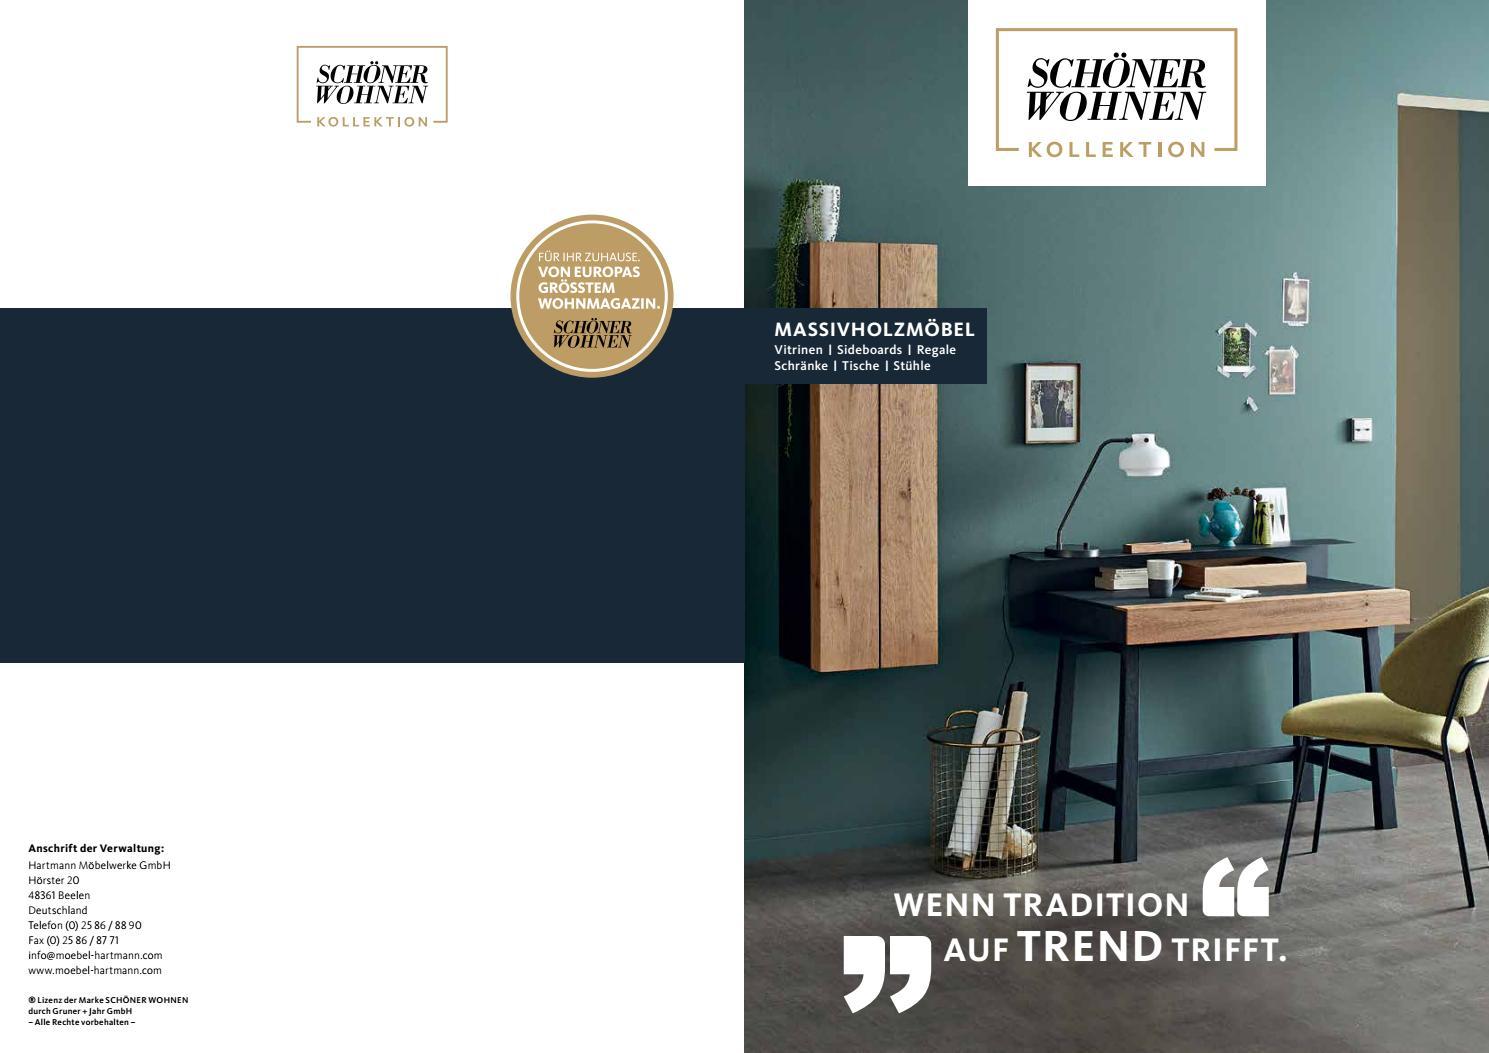 Massivholzmobel Schoner Wohnen Kollektion 2019 By Perspektive Werbeagentur Issuu